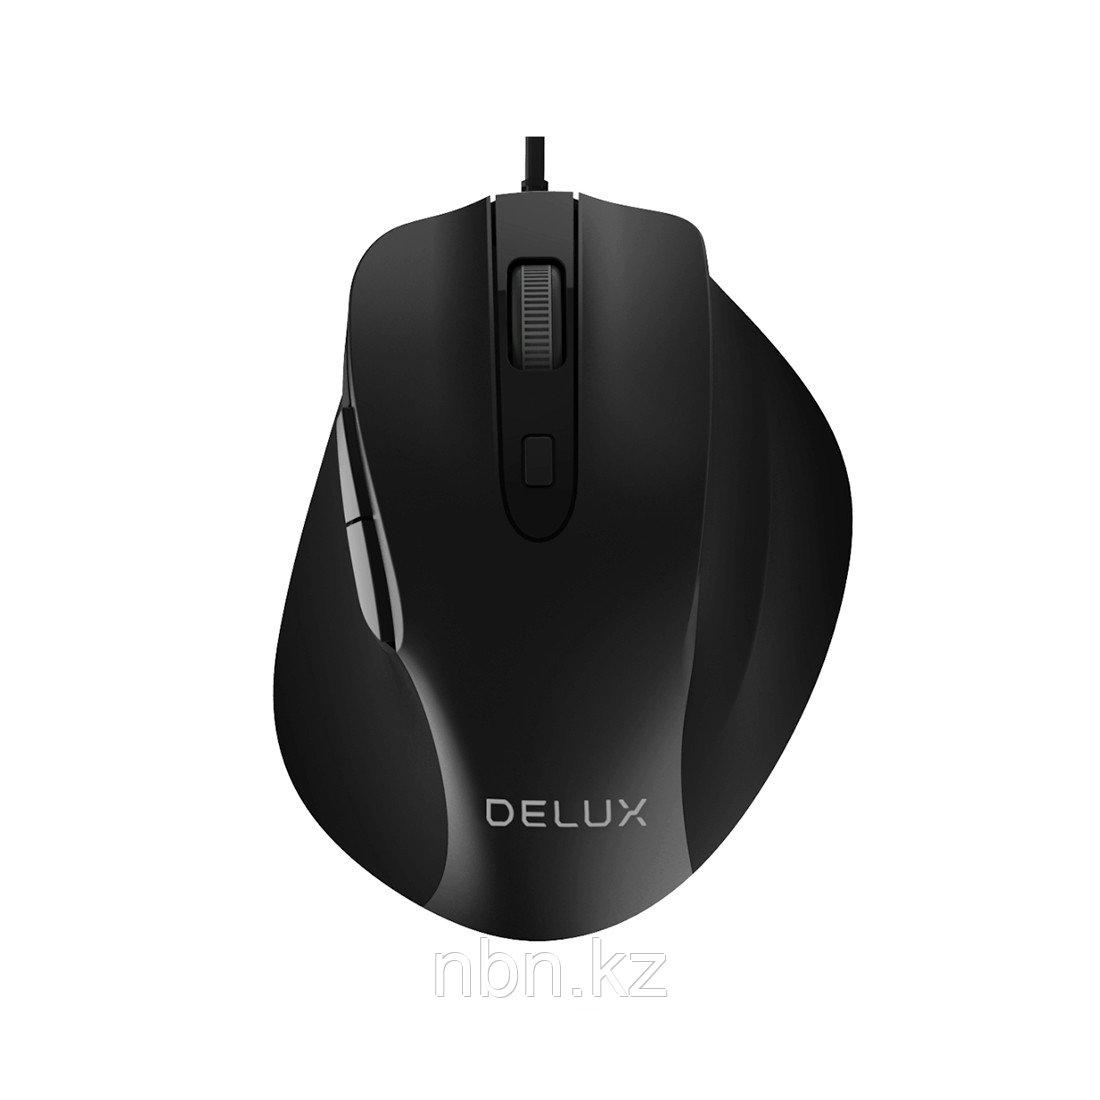 Компьютерная мышь Delux DLM-517OUB